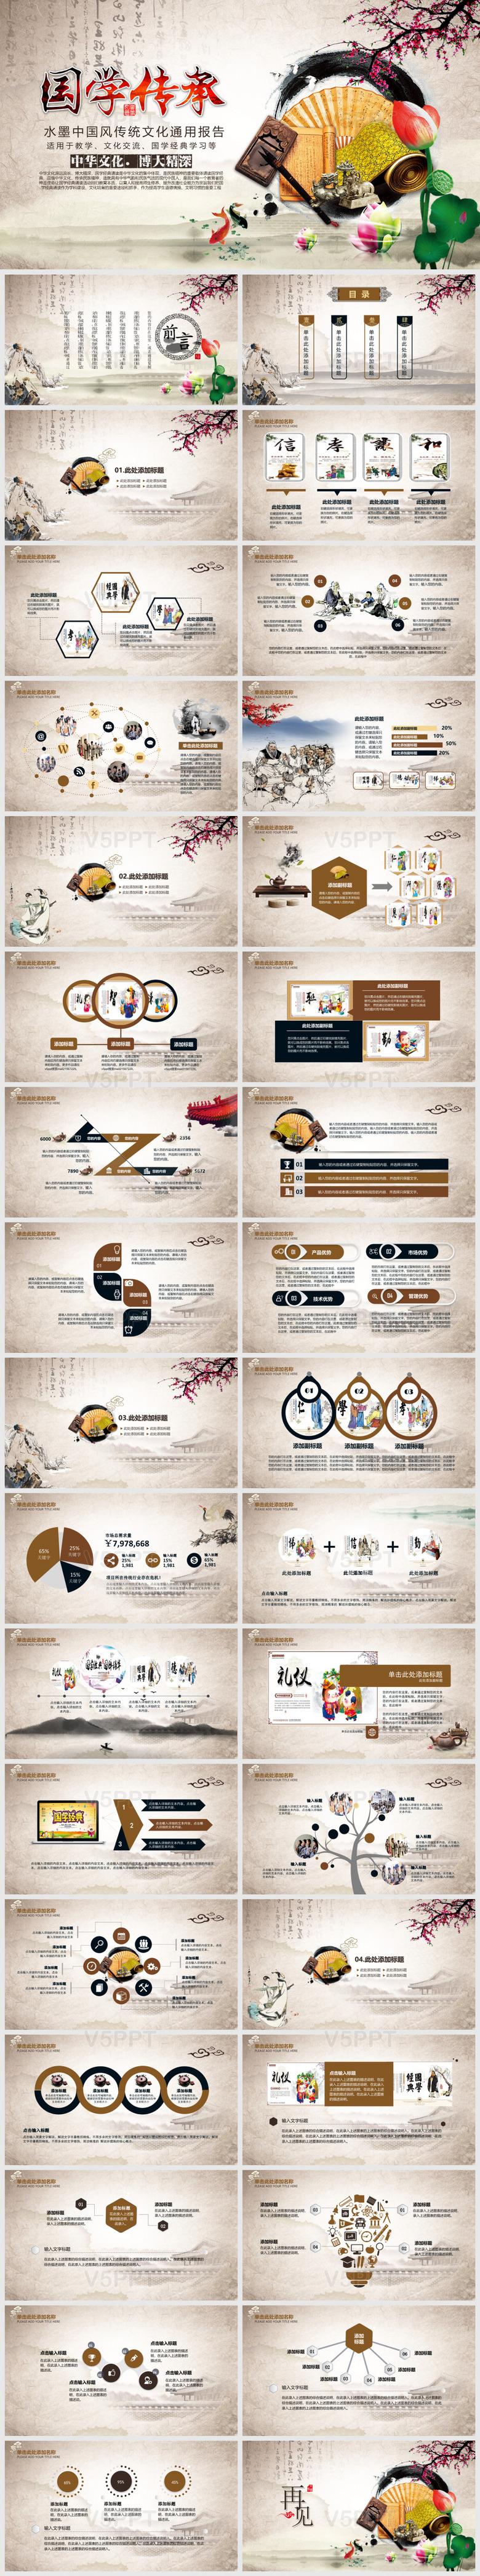 水墨中国风传统文化文化交流国学经典学习PPT模板国学经典1